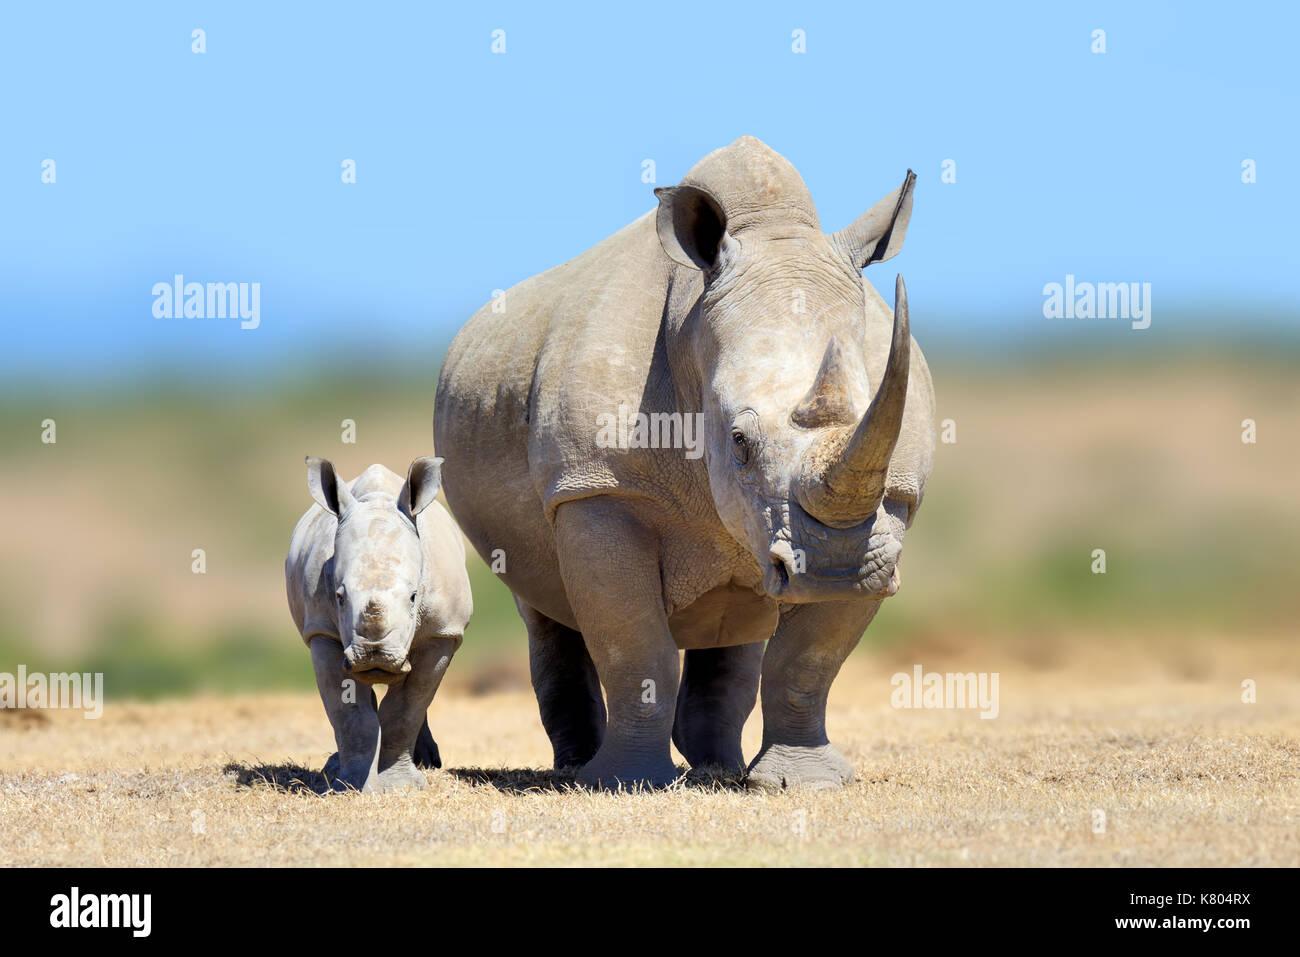 El rinoceronte blanco en el hábitat natural, Kenya, Africa. La vida silvestre escenas de la naturaleza. gran animal del Afrika Imagen De Stock